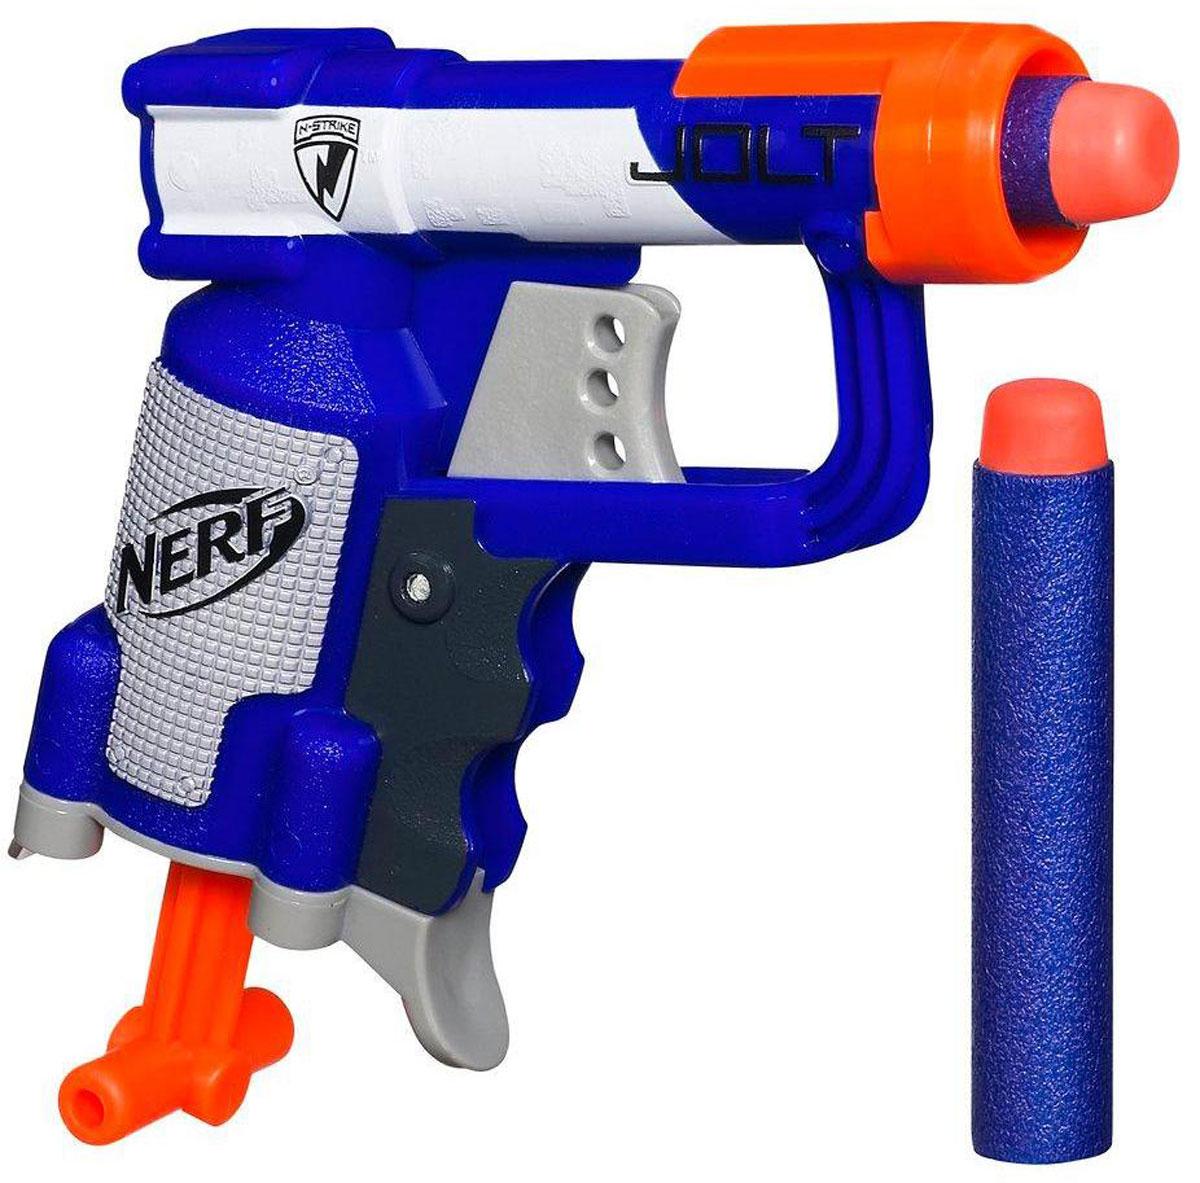 Nerf Бластер ДжолтA0707EU6Бластер Nerf Jolt позволит вашему ребенку почувствовать себя во всеоружии! Бластер выполнен из яркого безопасного пластика синего и оранжевого цветов. Он обладает высокой мощностью и дальностью выстрела. Комплект включает в себя два патрона, выполненных из гибкого вспененного полимера. Игра с таким бластером поможет ребенку в развитии меткости, ловкости, координации движений и сноровки.